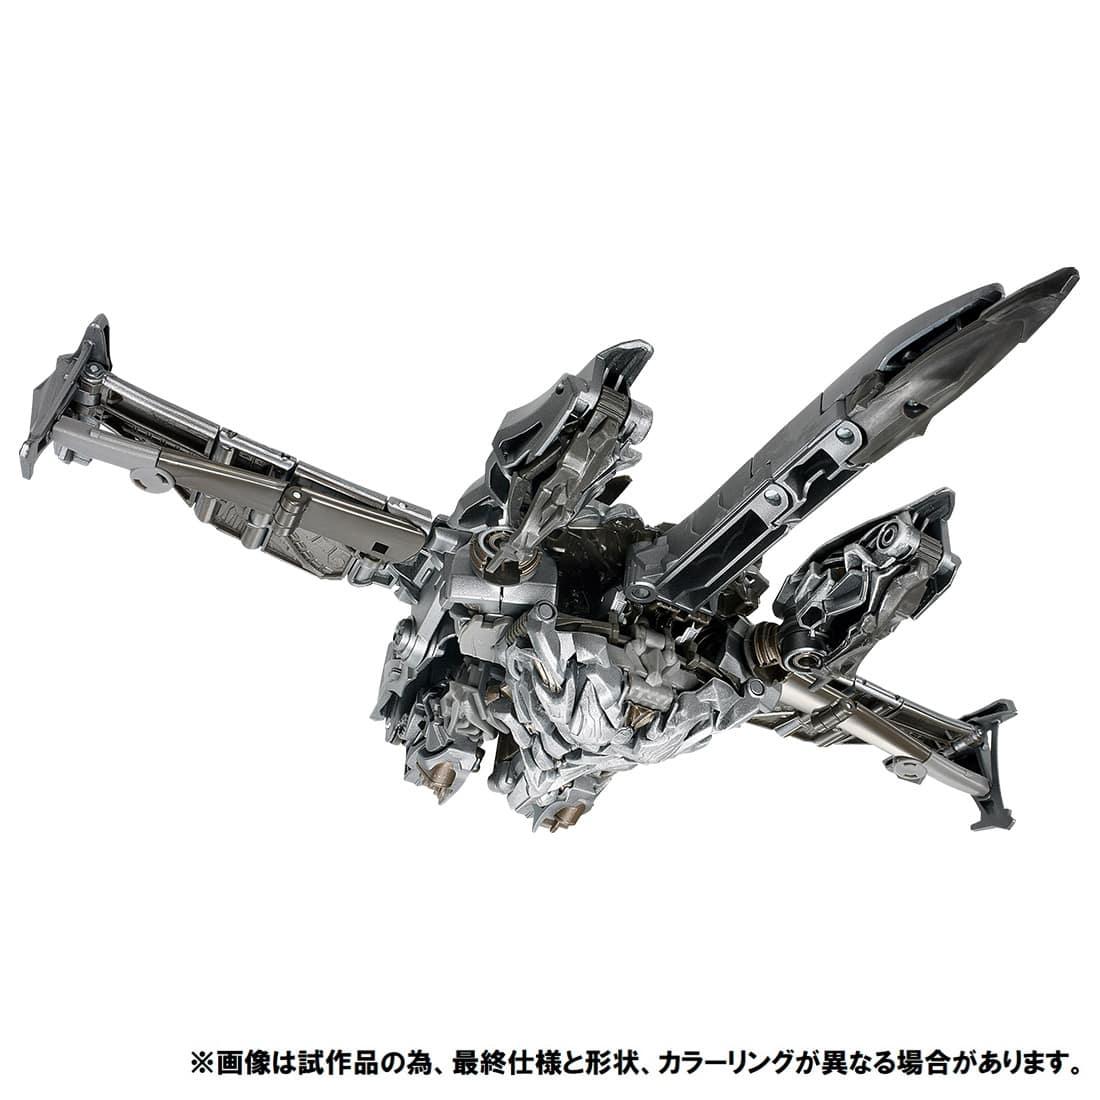 トランスフォーマー プレミアムフィニッシュ『PF SS-03 メガトロン』可変可動フィギュア-003